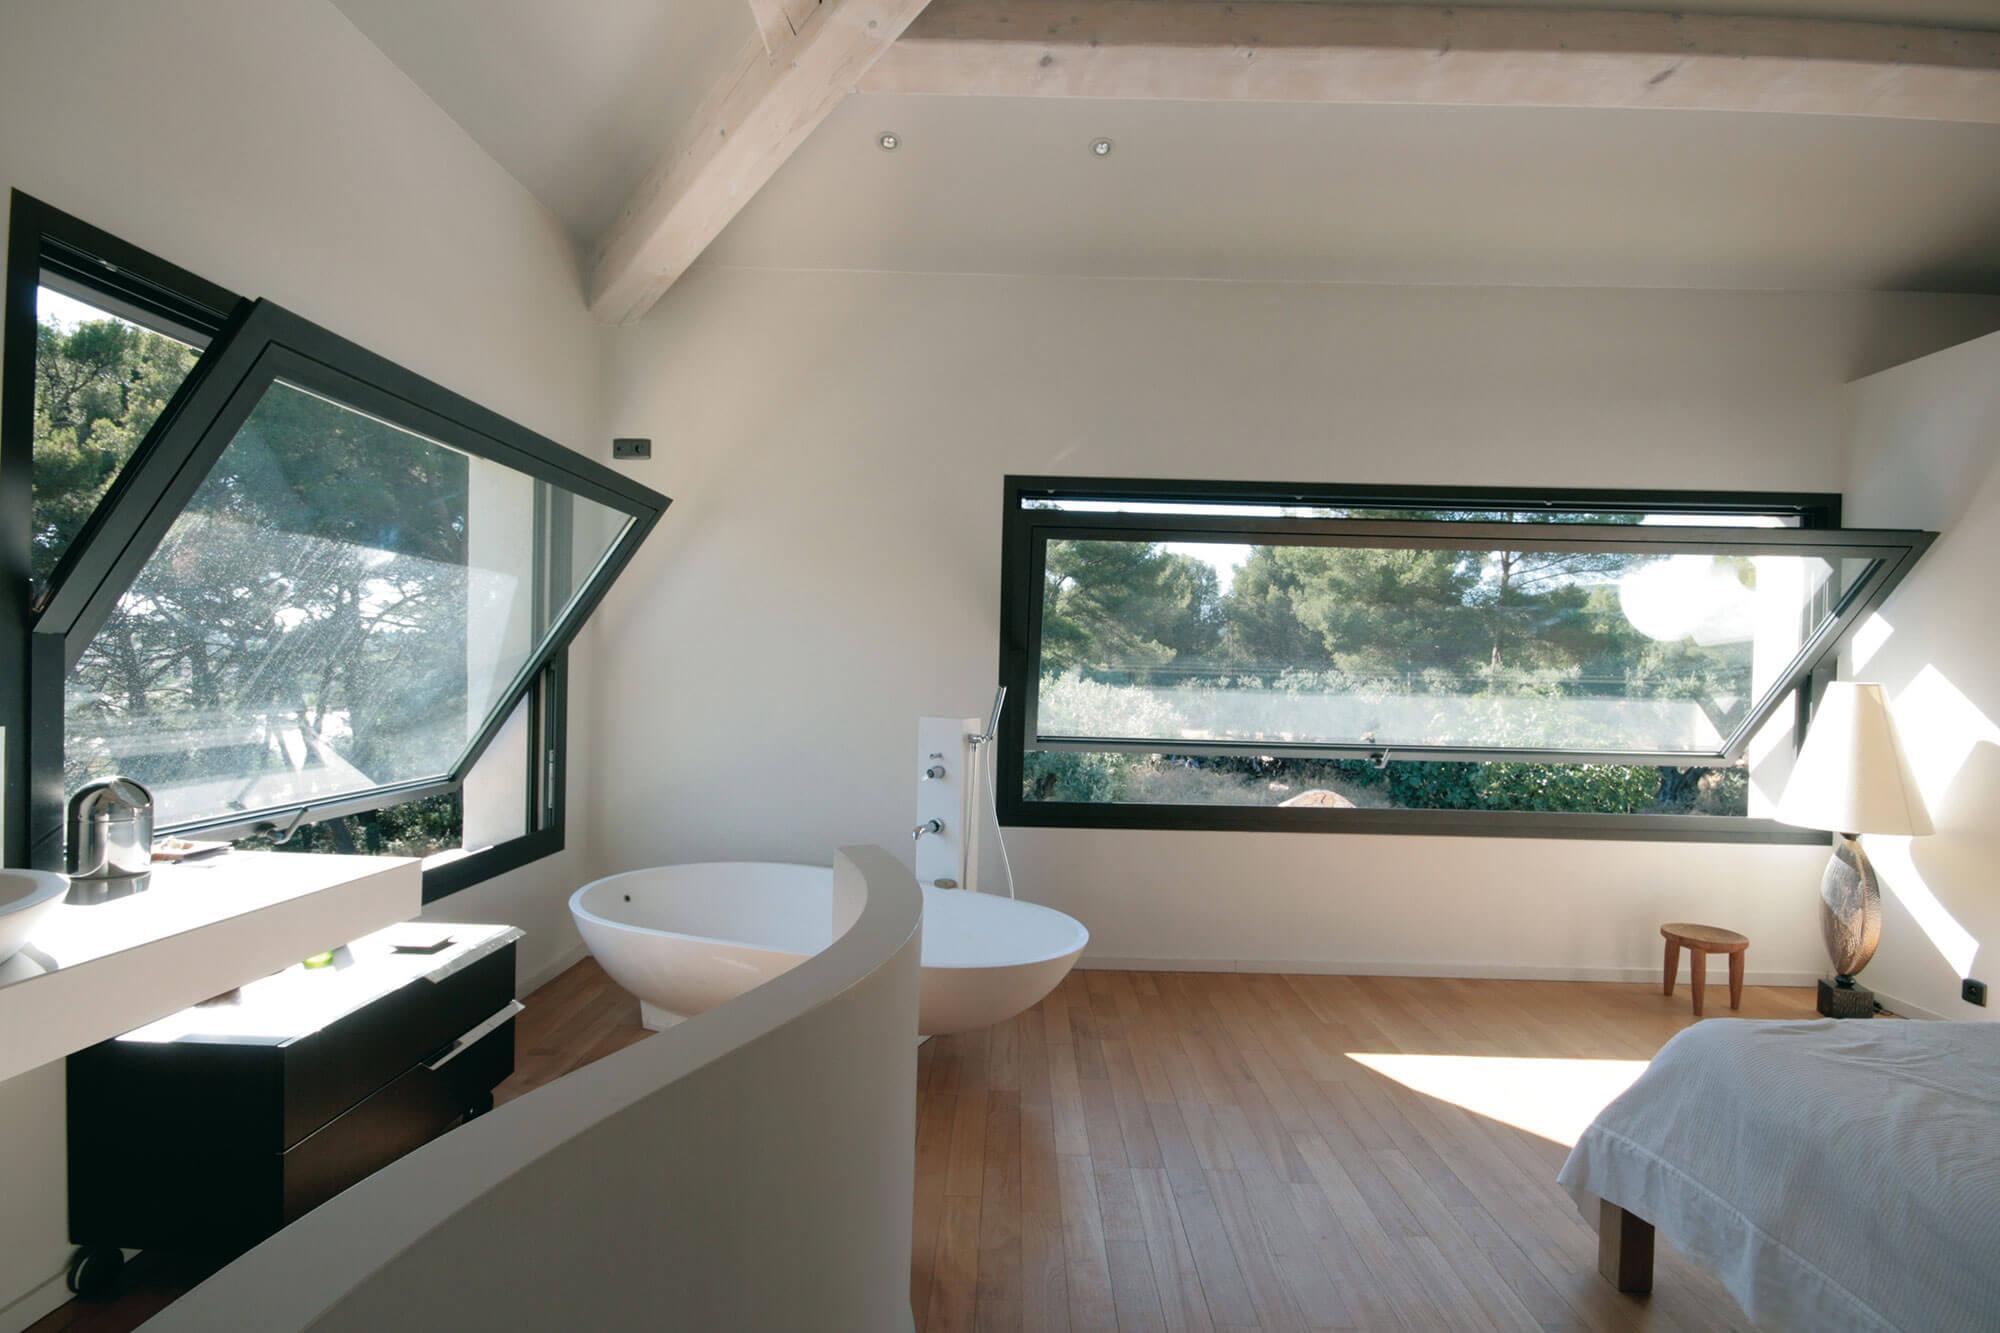 trucs et astuces contre les mauvaises odeurs dans la salle de bain. Black Bedroom Furniture Sets. Home Design Ideas